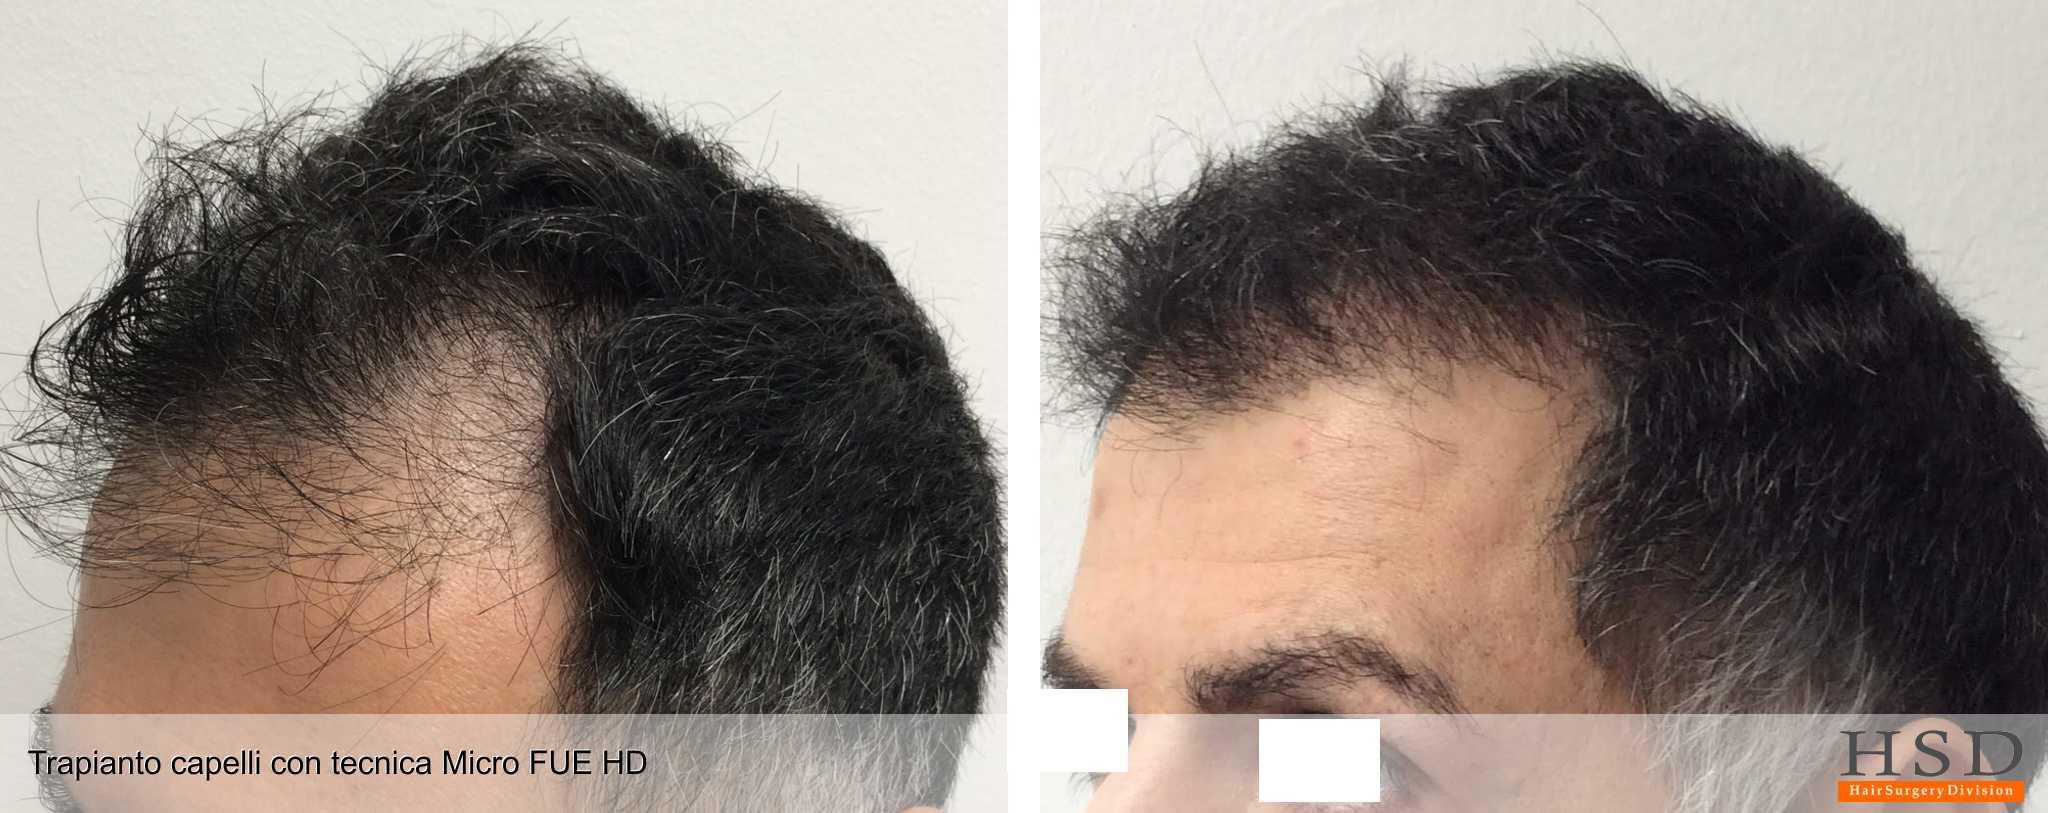 Tecnica FUE di trapianto capelli della HSD